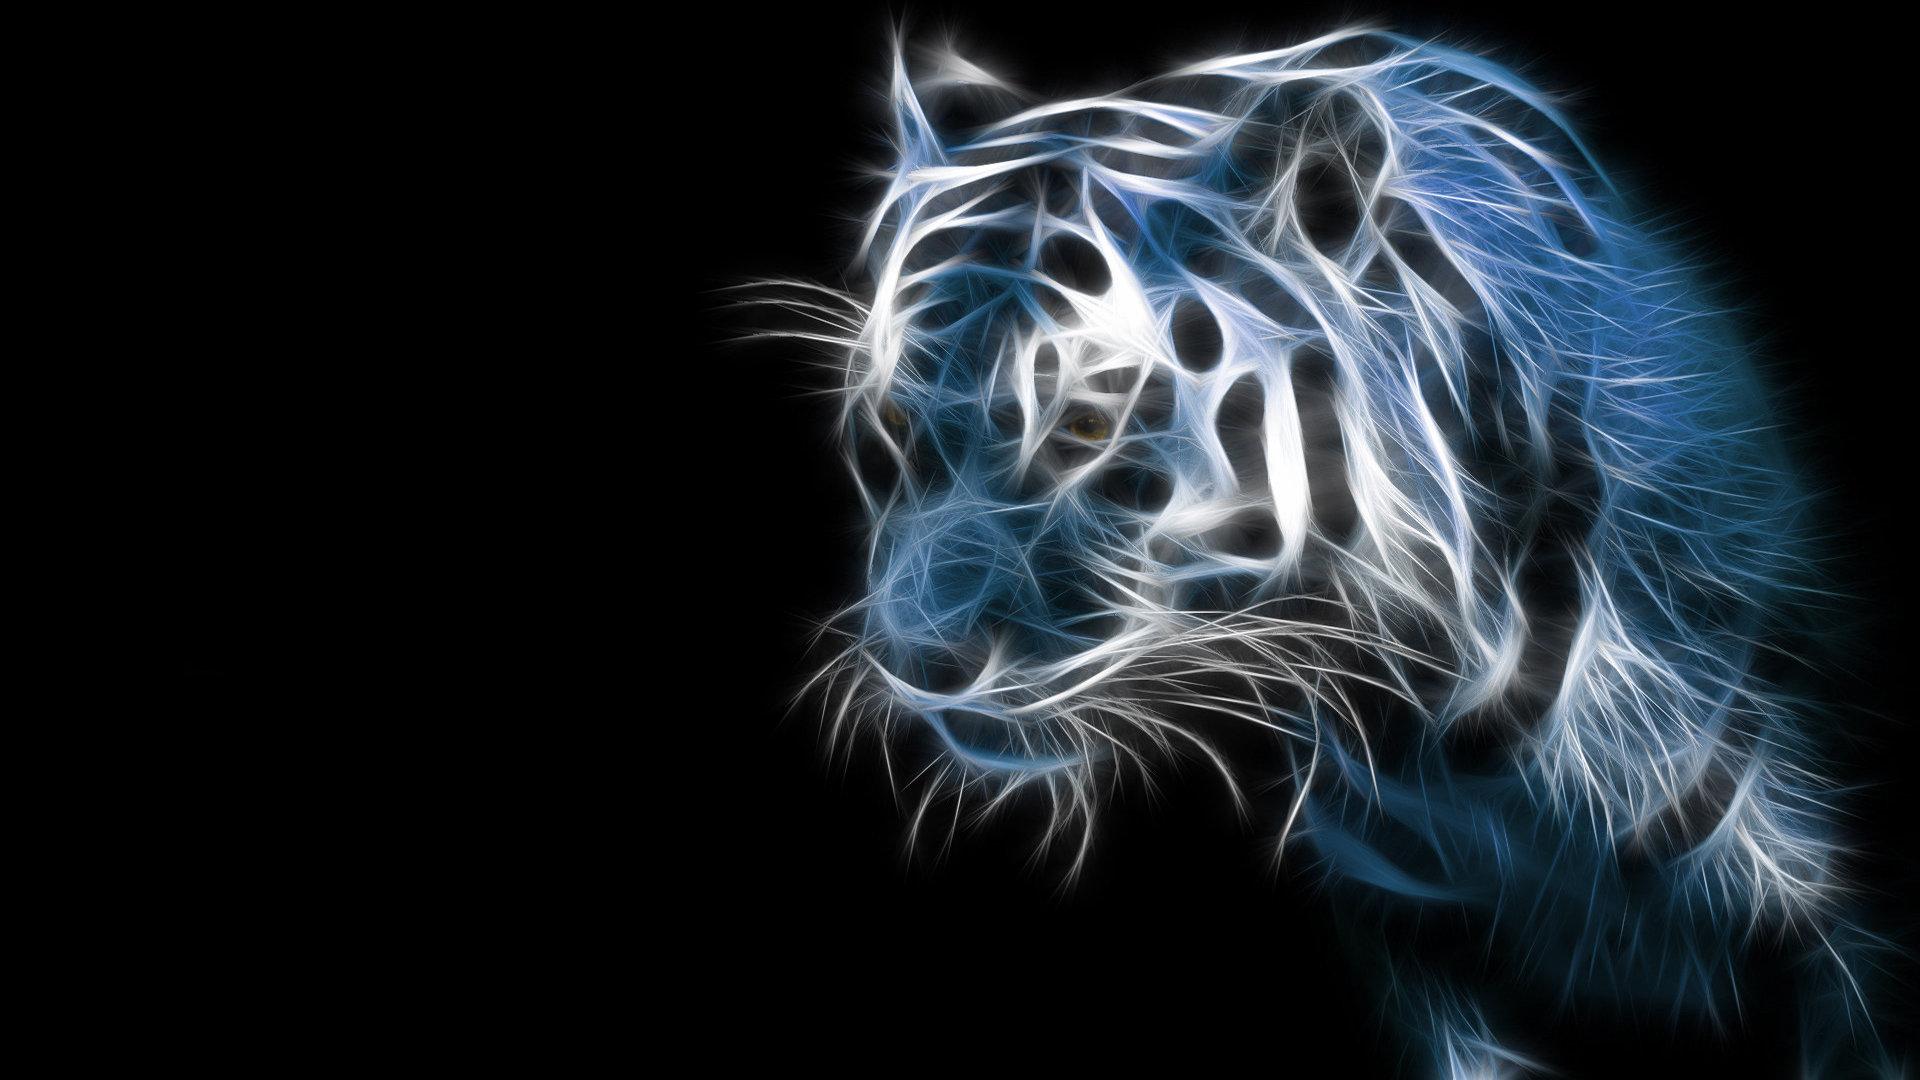 Blue Tiger 1920x1080